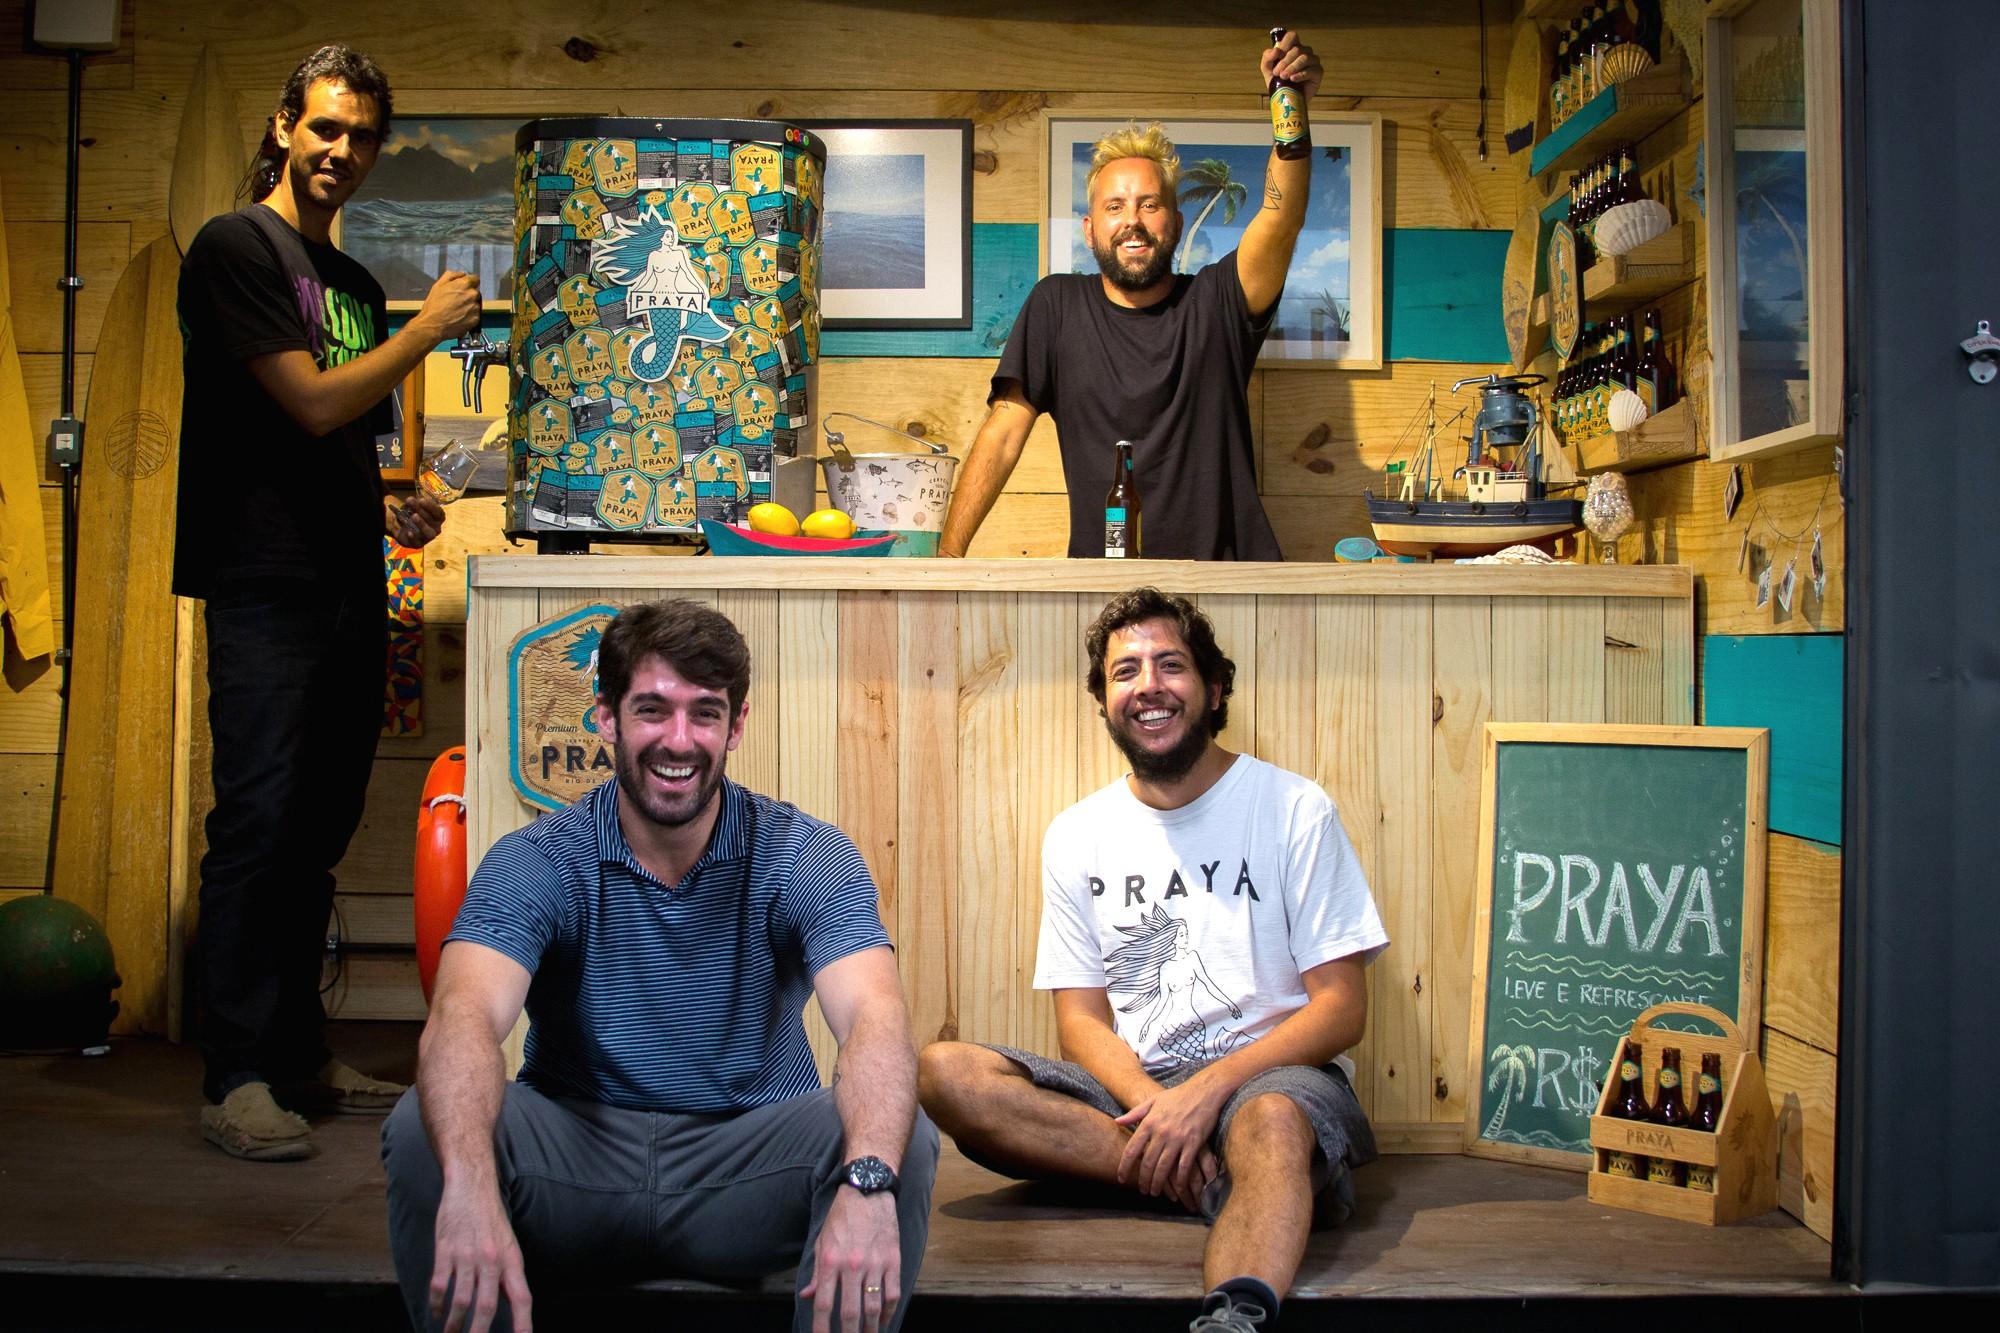 Os sócios Duda Gaspar, Marcos Sifu, Tunico Almeida e Zeh Pretim são os nomes por trás da Praya (Foto: Divulgação)